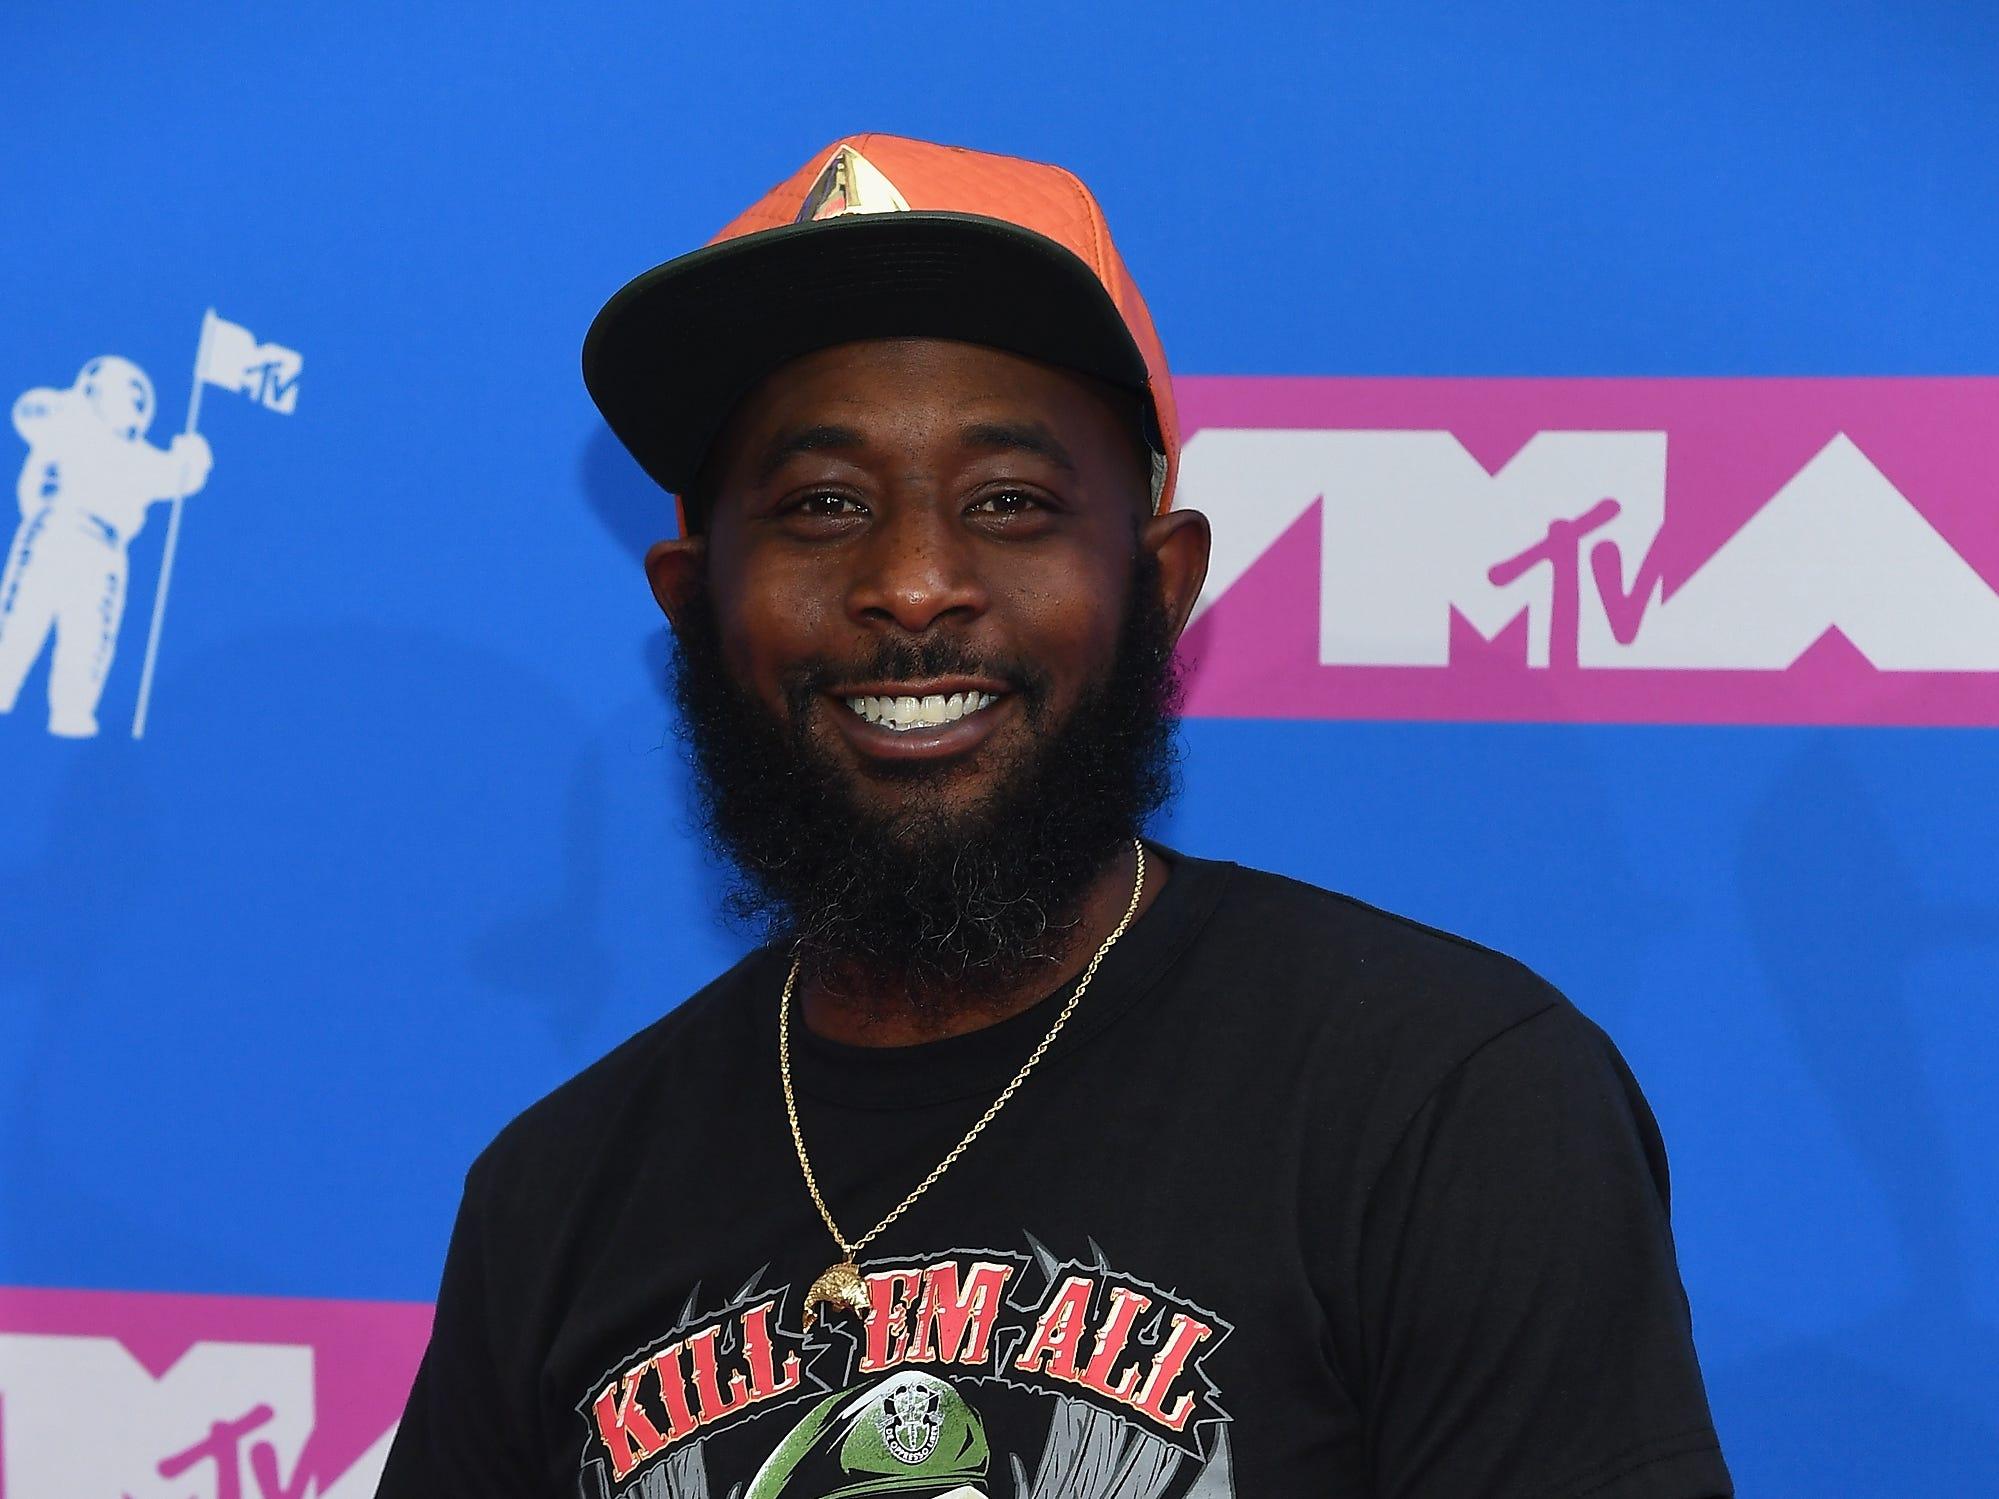 Karlous Miller asiste a los MTV Video Music Awards 2018 en el Radio City Music Hall el 20 de agosto de 2018 en la ciudad de Nueva York.